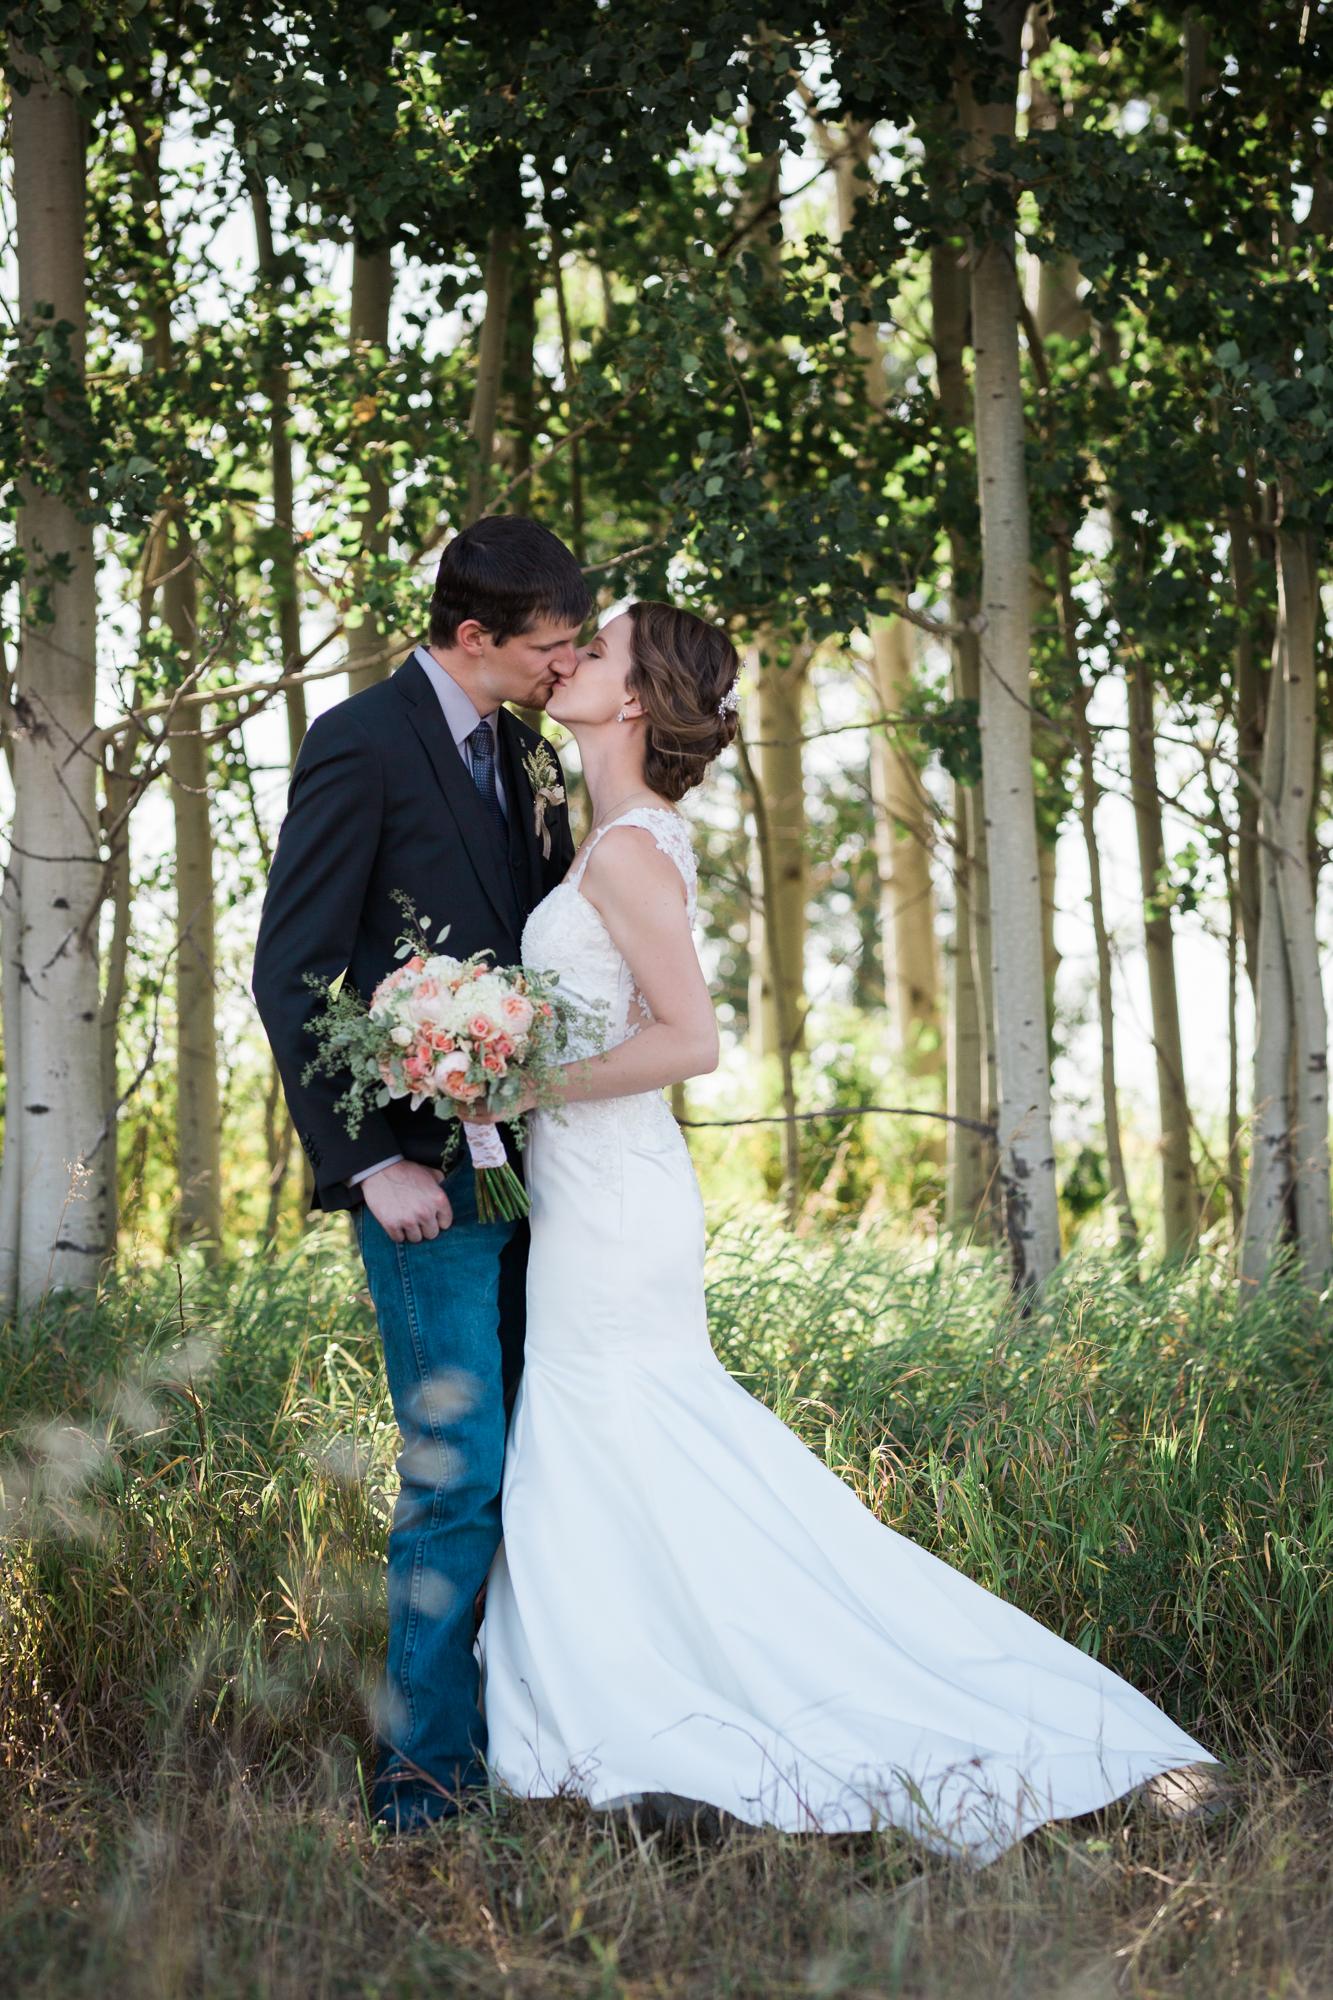 Deanna-Rachel-Photography-calgary-Wedding-photographer-jm-62.jpg